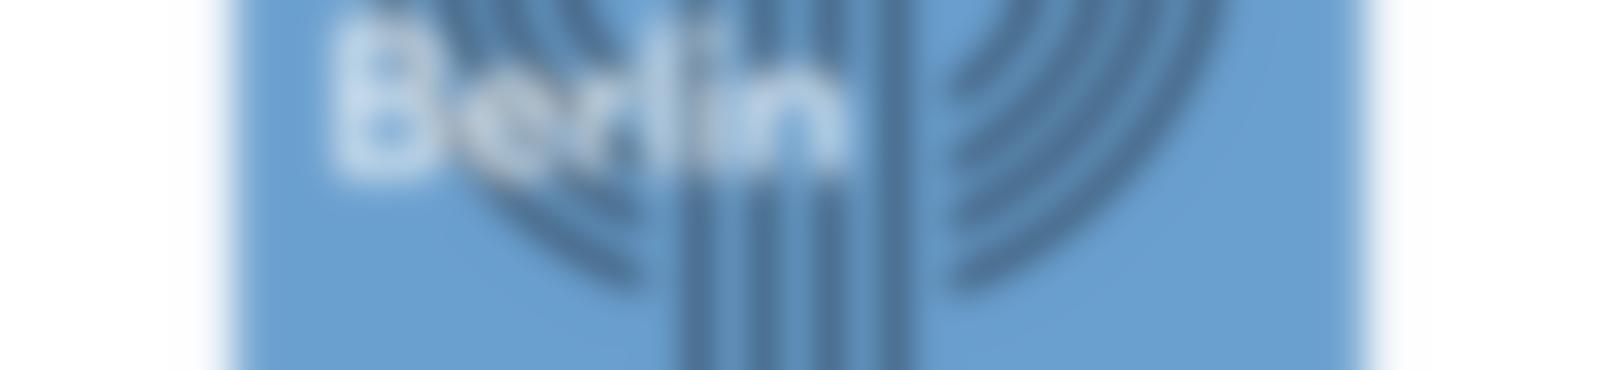 Blurred f750e84f 5312 4f03 85a2 f9d6d6a1d366